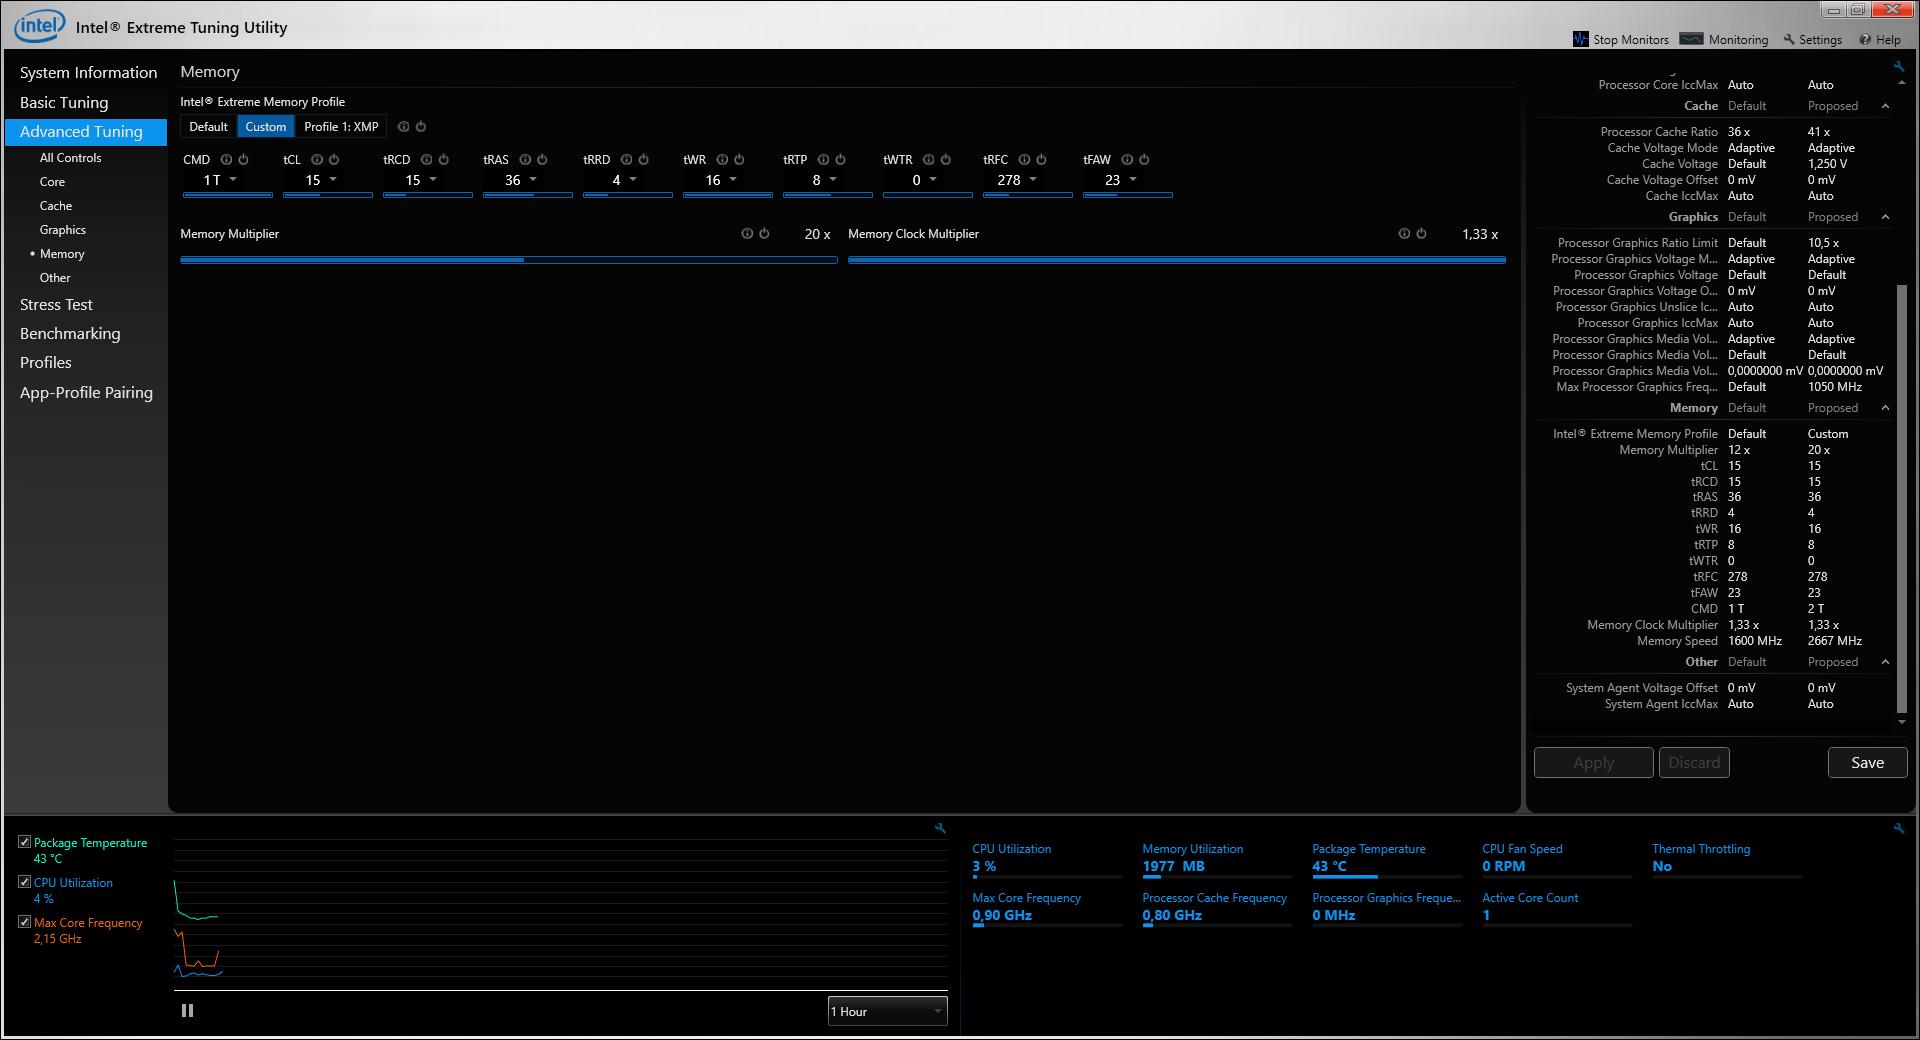 Core i7-6820HK: Das bringt CPU-Overclocking im Notebook - Der RAM verkraftet DDR4-2666 bei 1T (Screenshot: Marc Sauter/Golem.de)